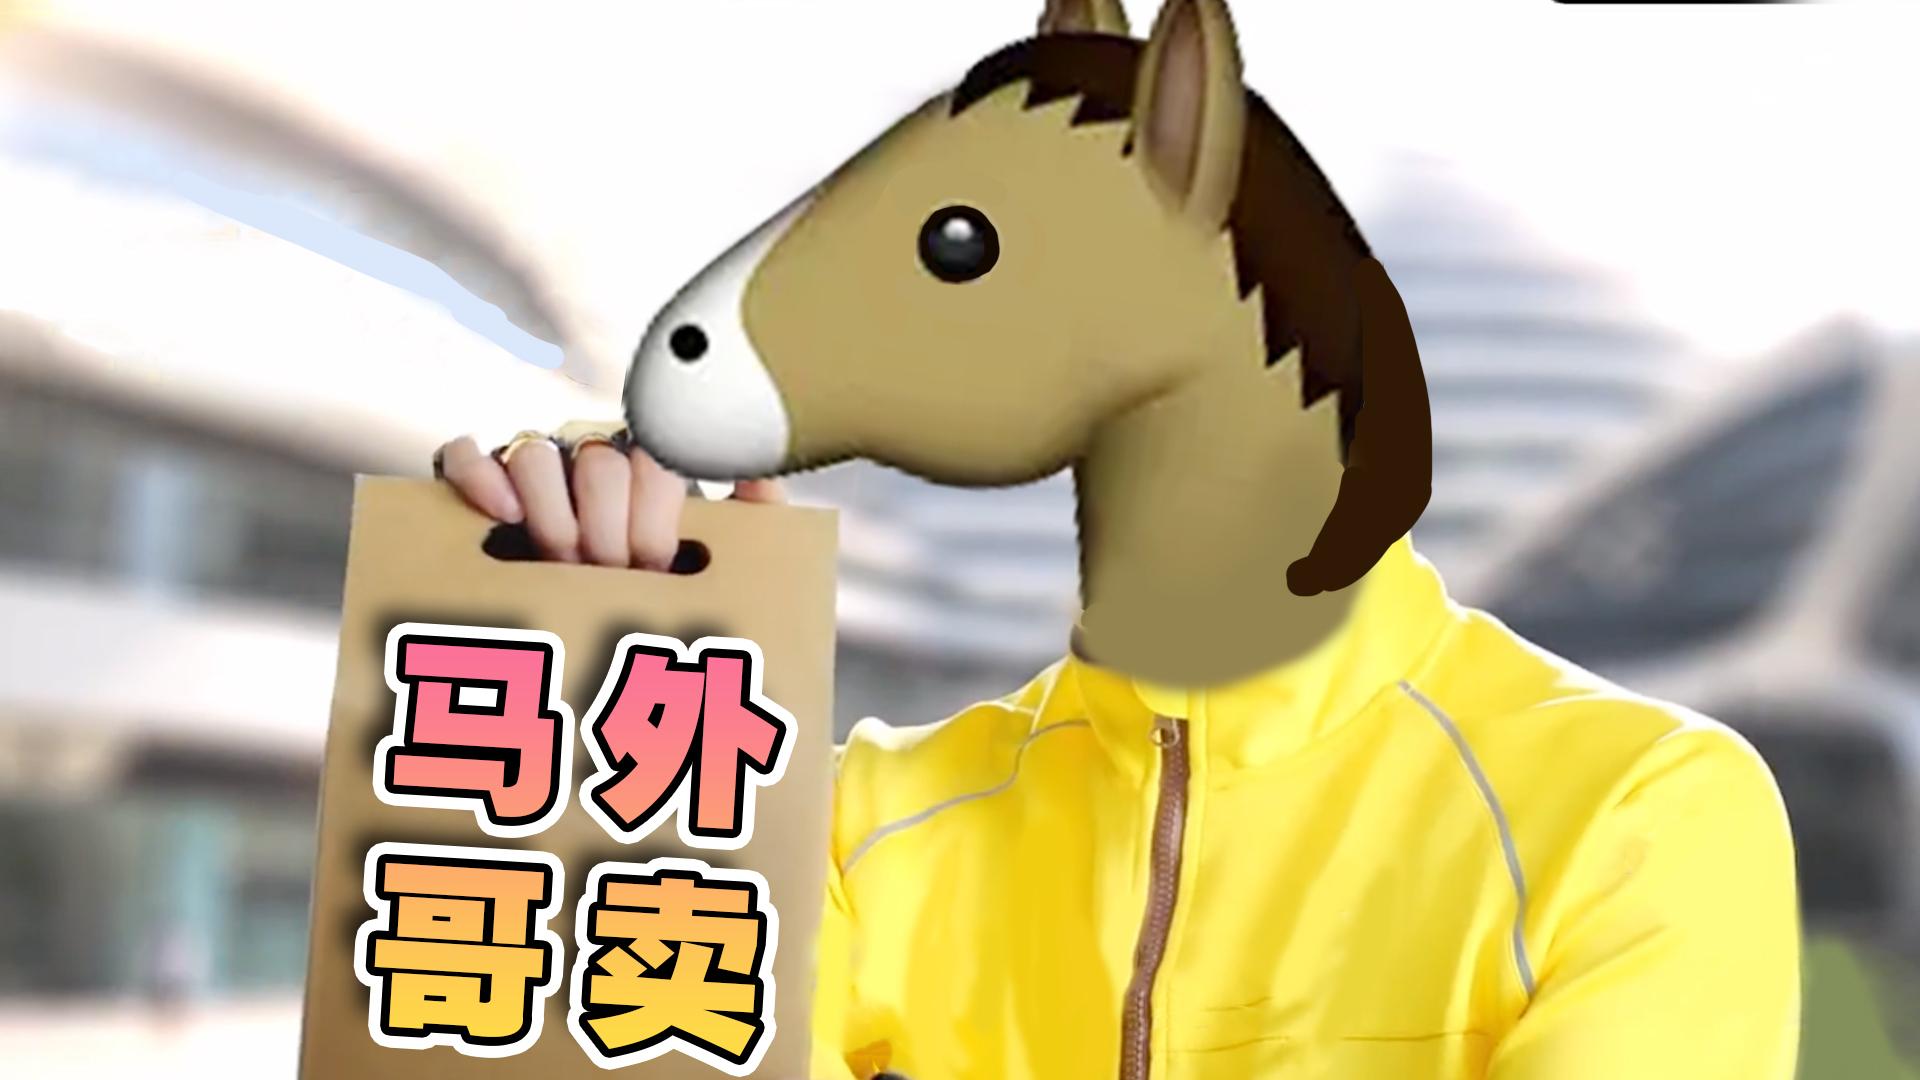 史上第一匹送外卖的马